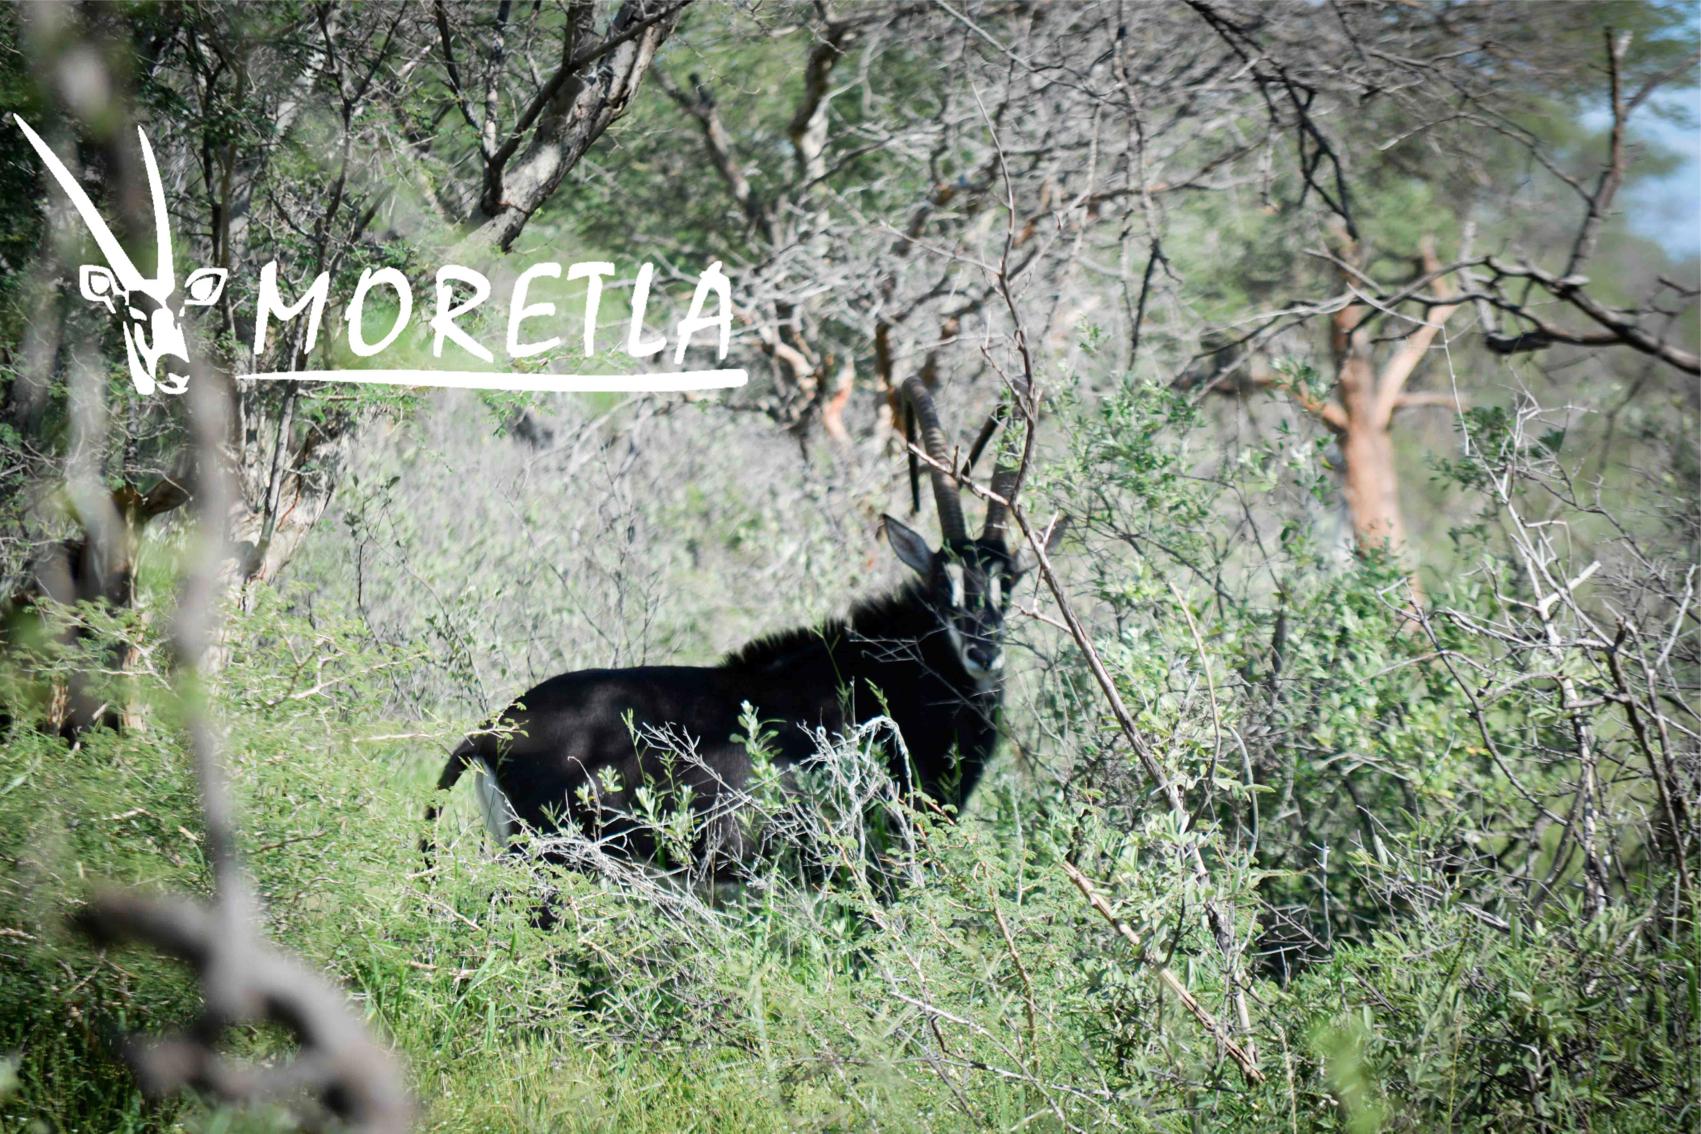 """50"""" Sable Bull Moretla Safris...... (1 of 1).jpg"""